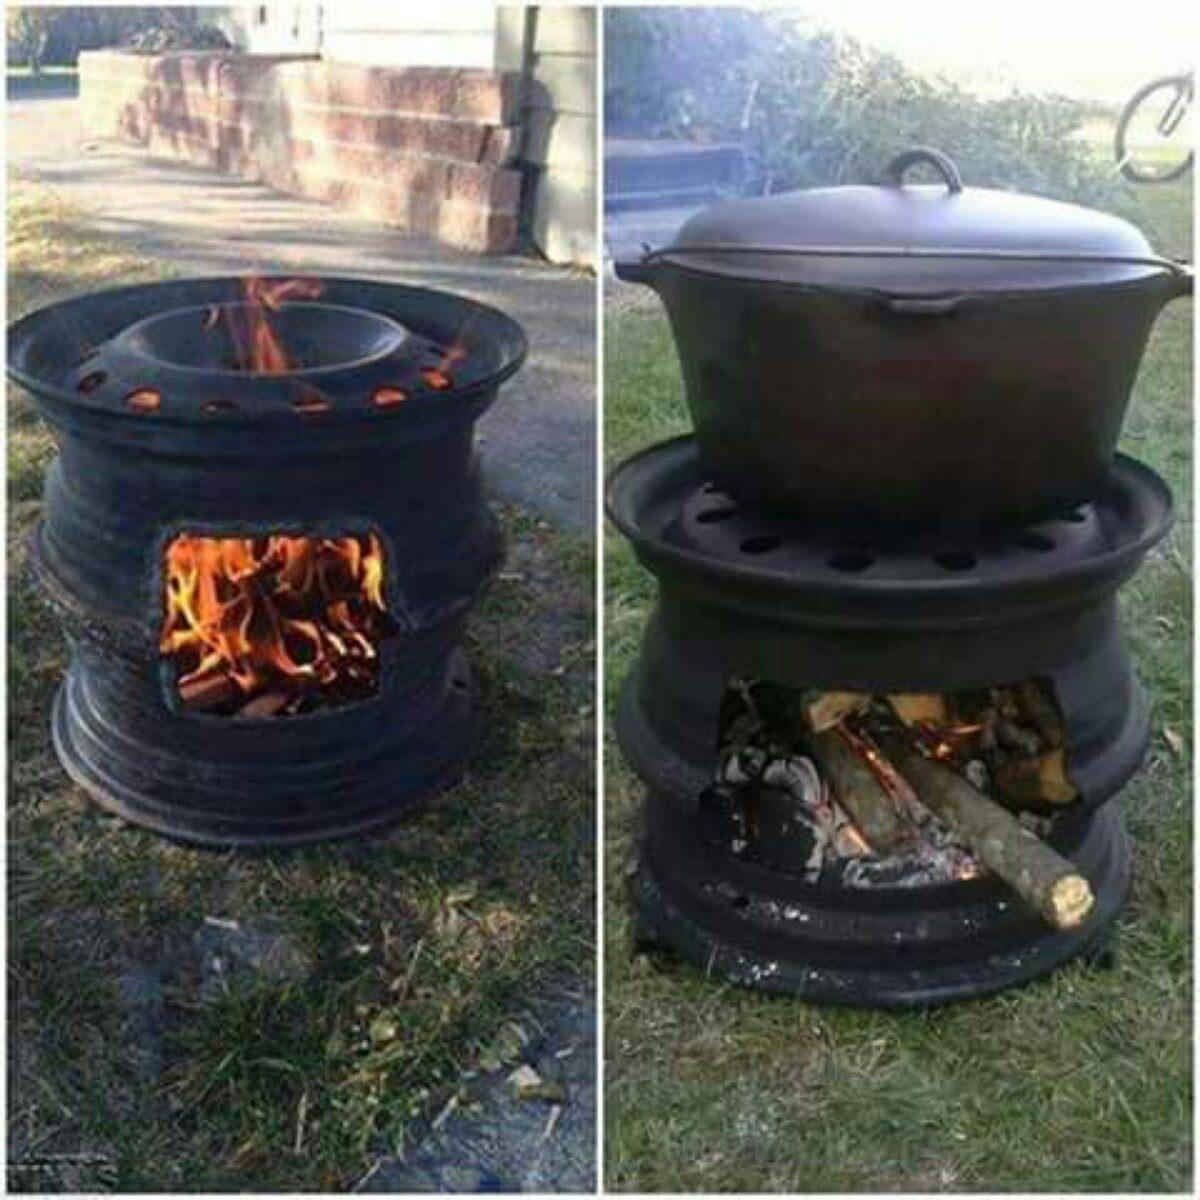 Anafre o cocina o fogon o parrillera de carbon o a le a - Cocina de carbon ...